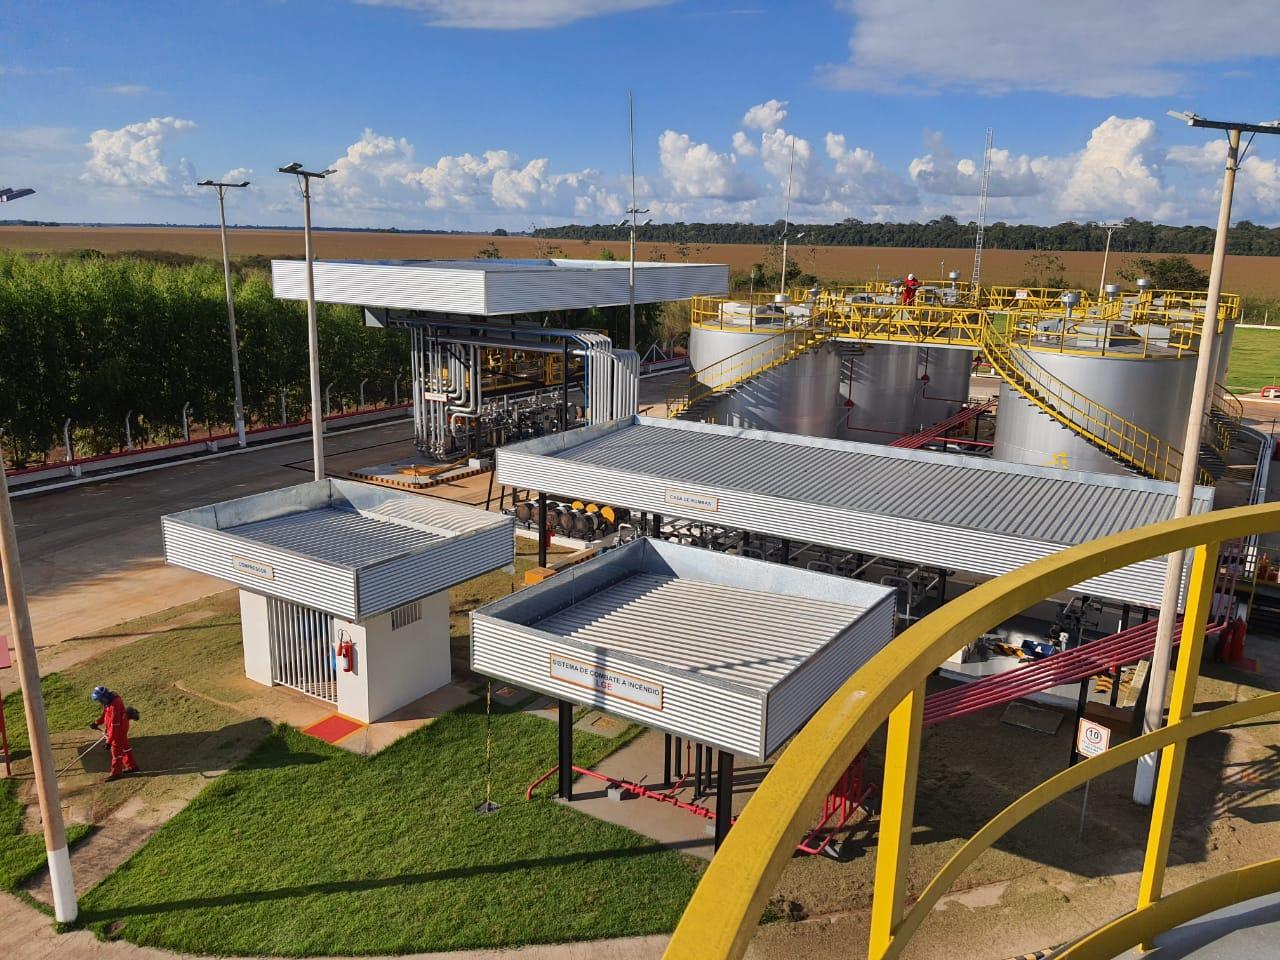 Distribuidora Atem expande atuação e inaugura base de combustível em Vilhena (RO)